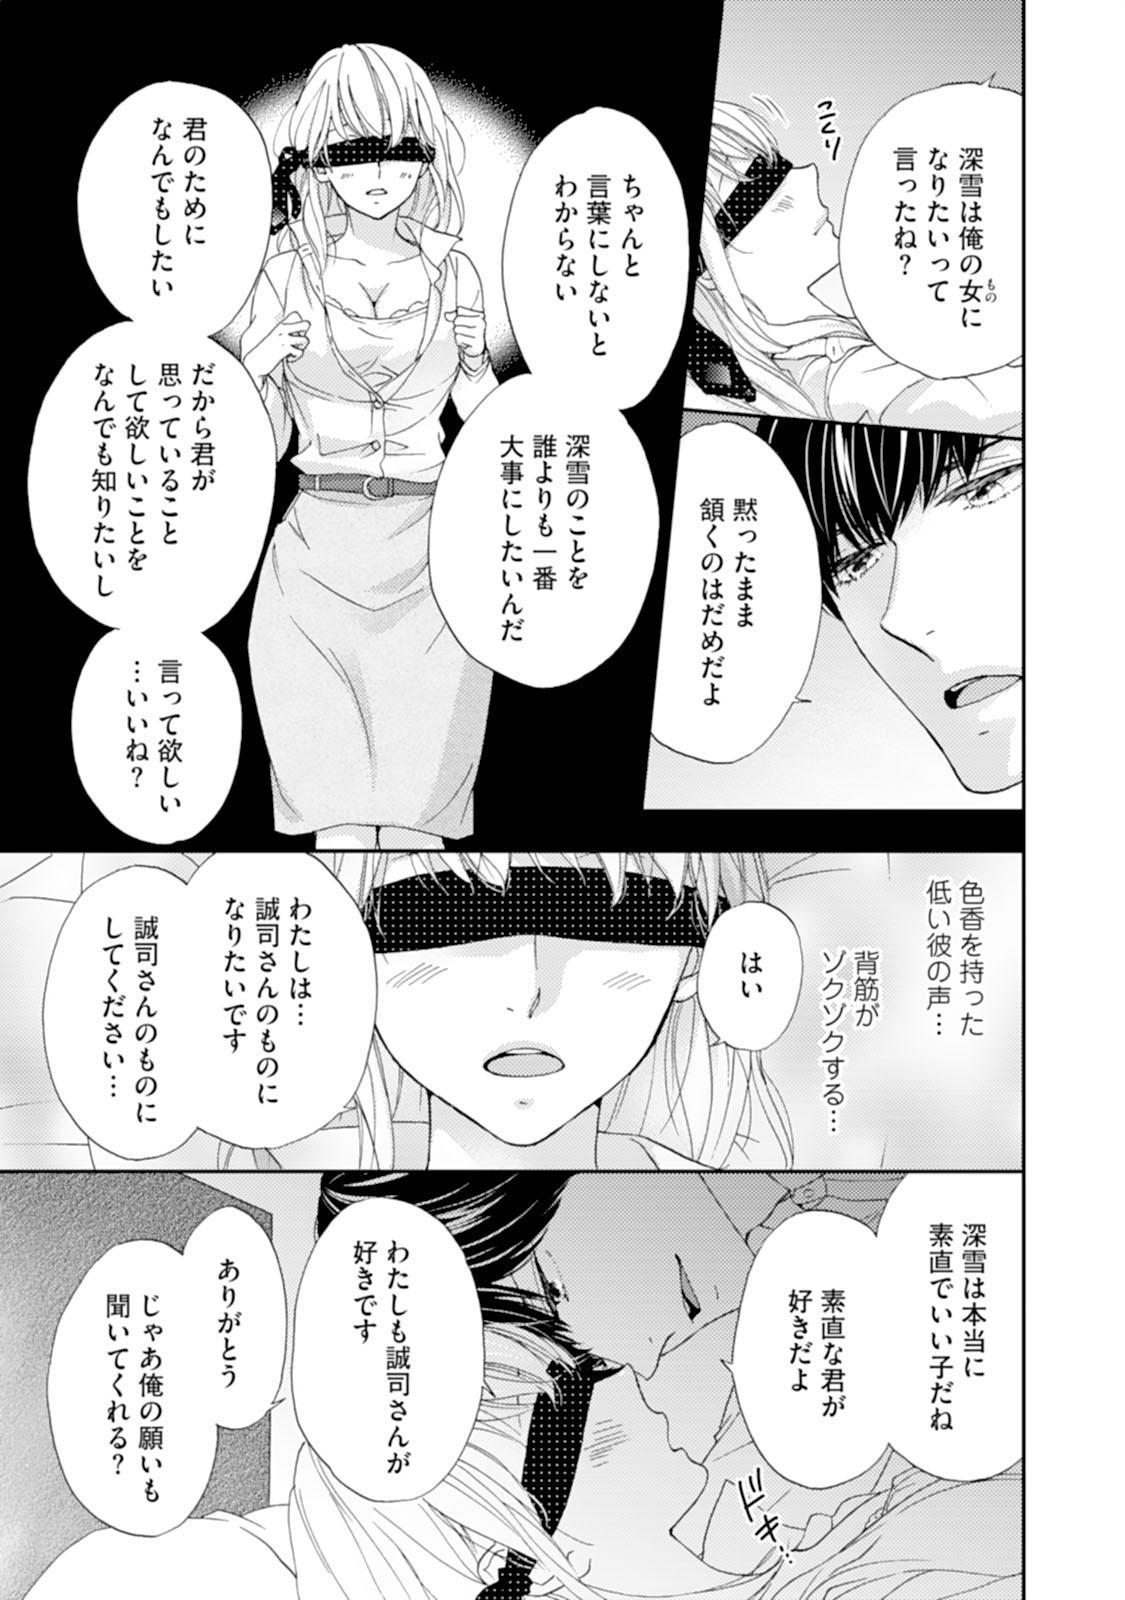 [Adumi Yuu] Choukyou-kei Danshi Ookami-sama to Koneko-chan Ch. 1-3 45